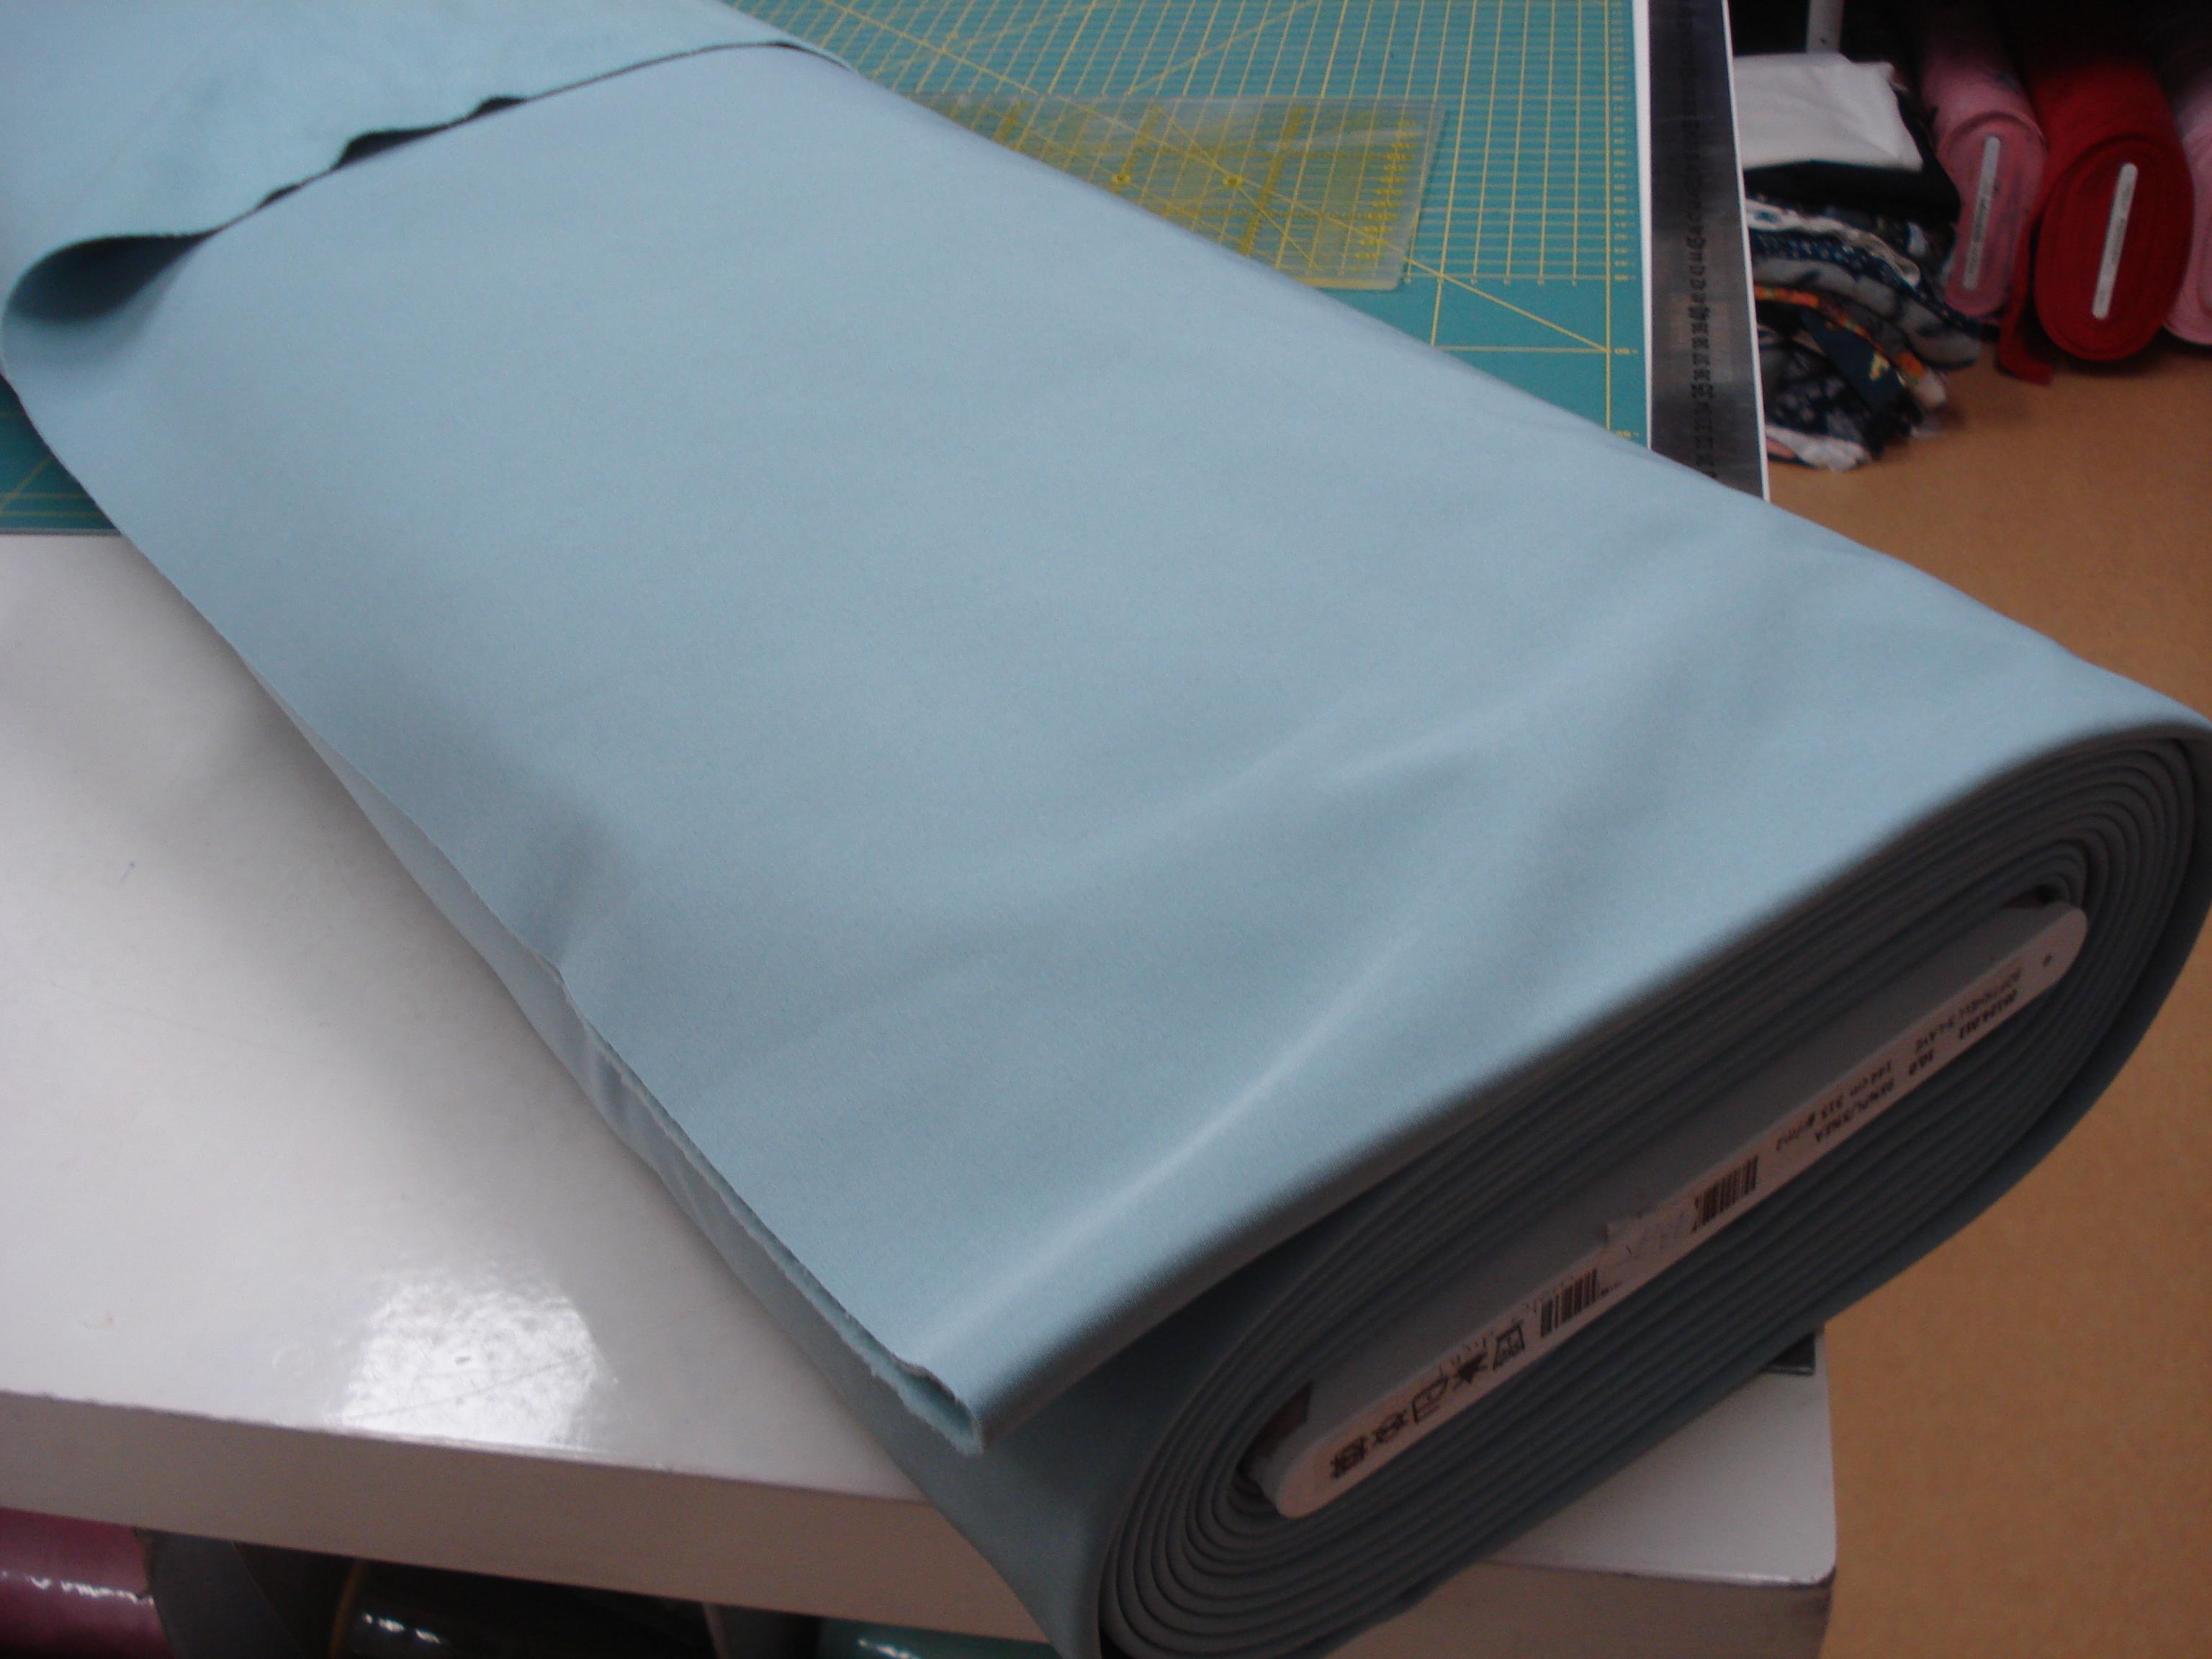 Softshell effen licht blauw €12,96 p/m